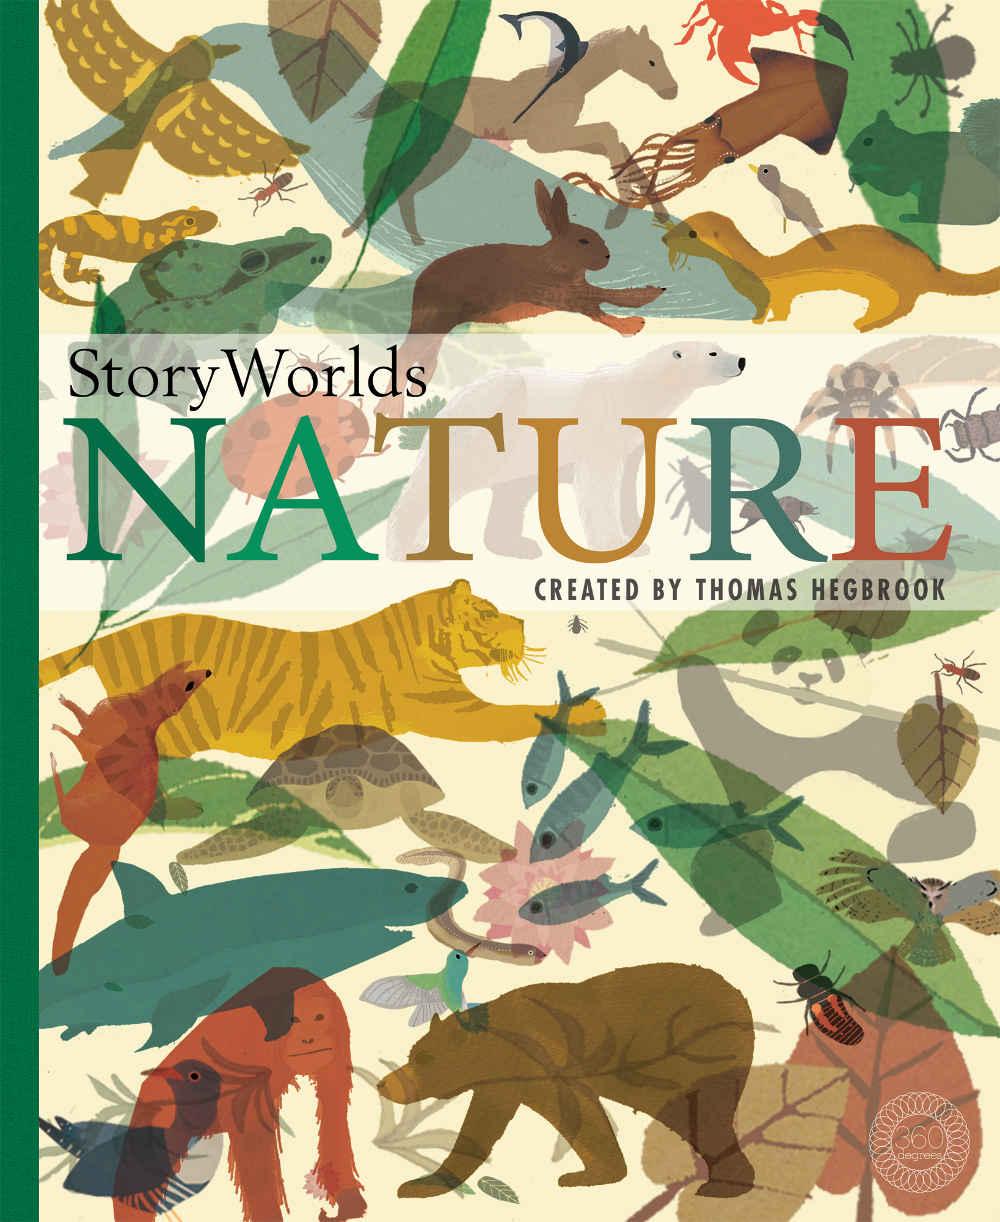 książka o zwierzętach ilustrowana po angielsku